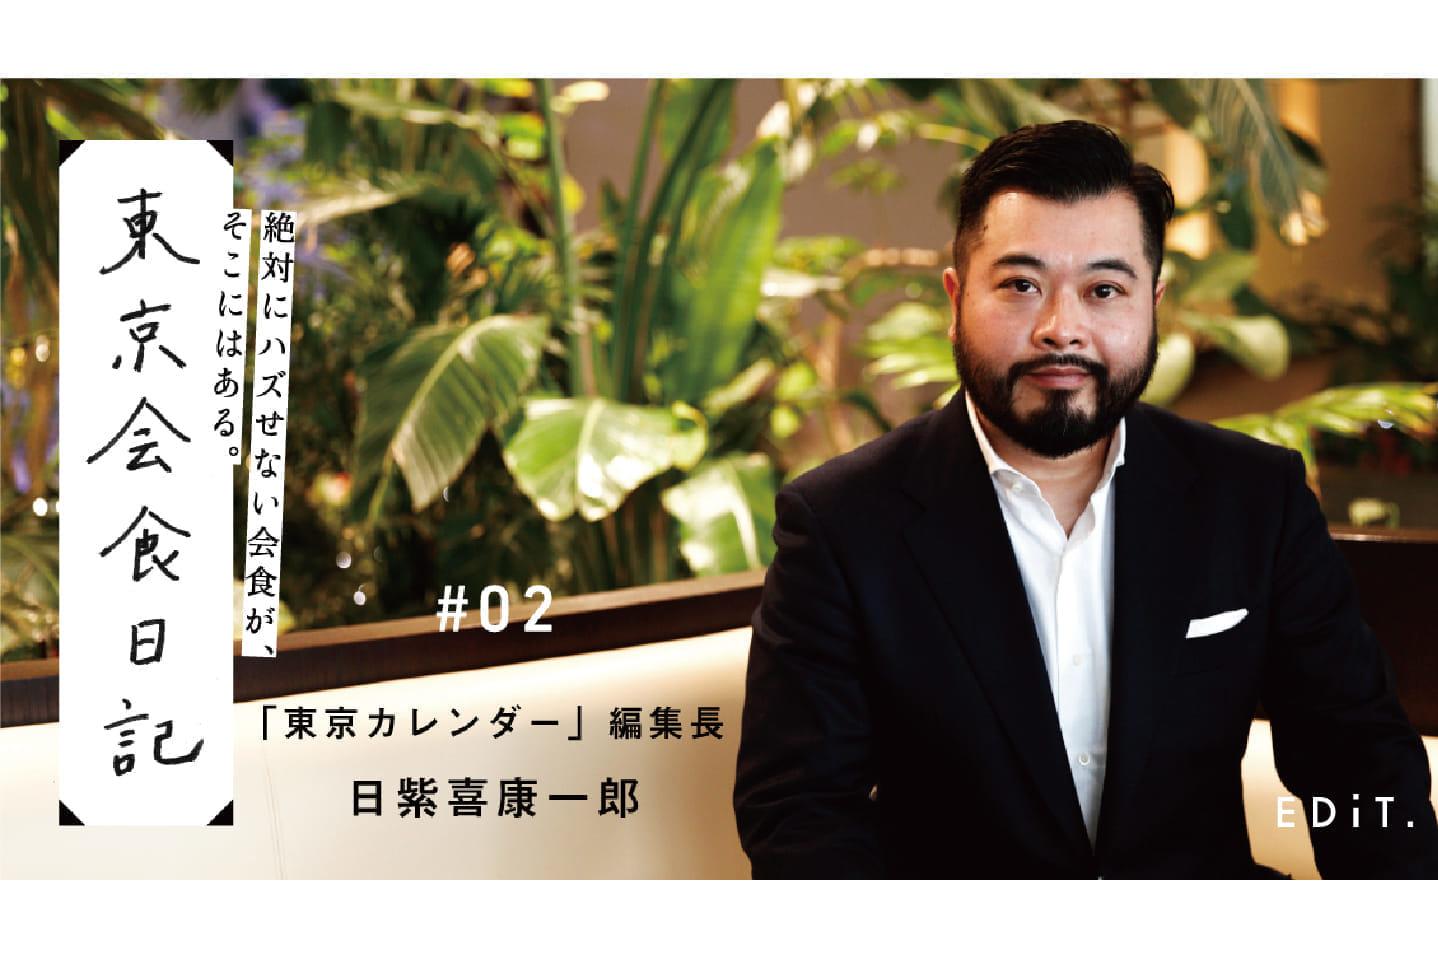 【東京会食日記】「東京カレンダー」編集長が厳選! ちょいカジ会食スポット